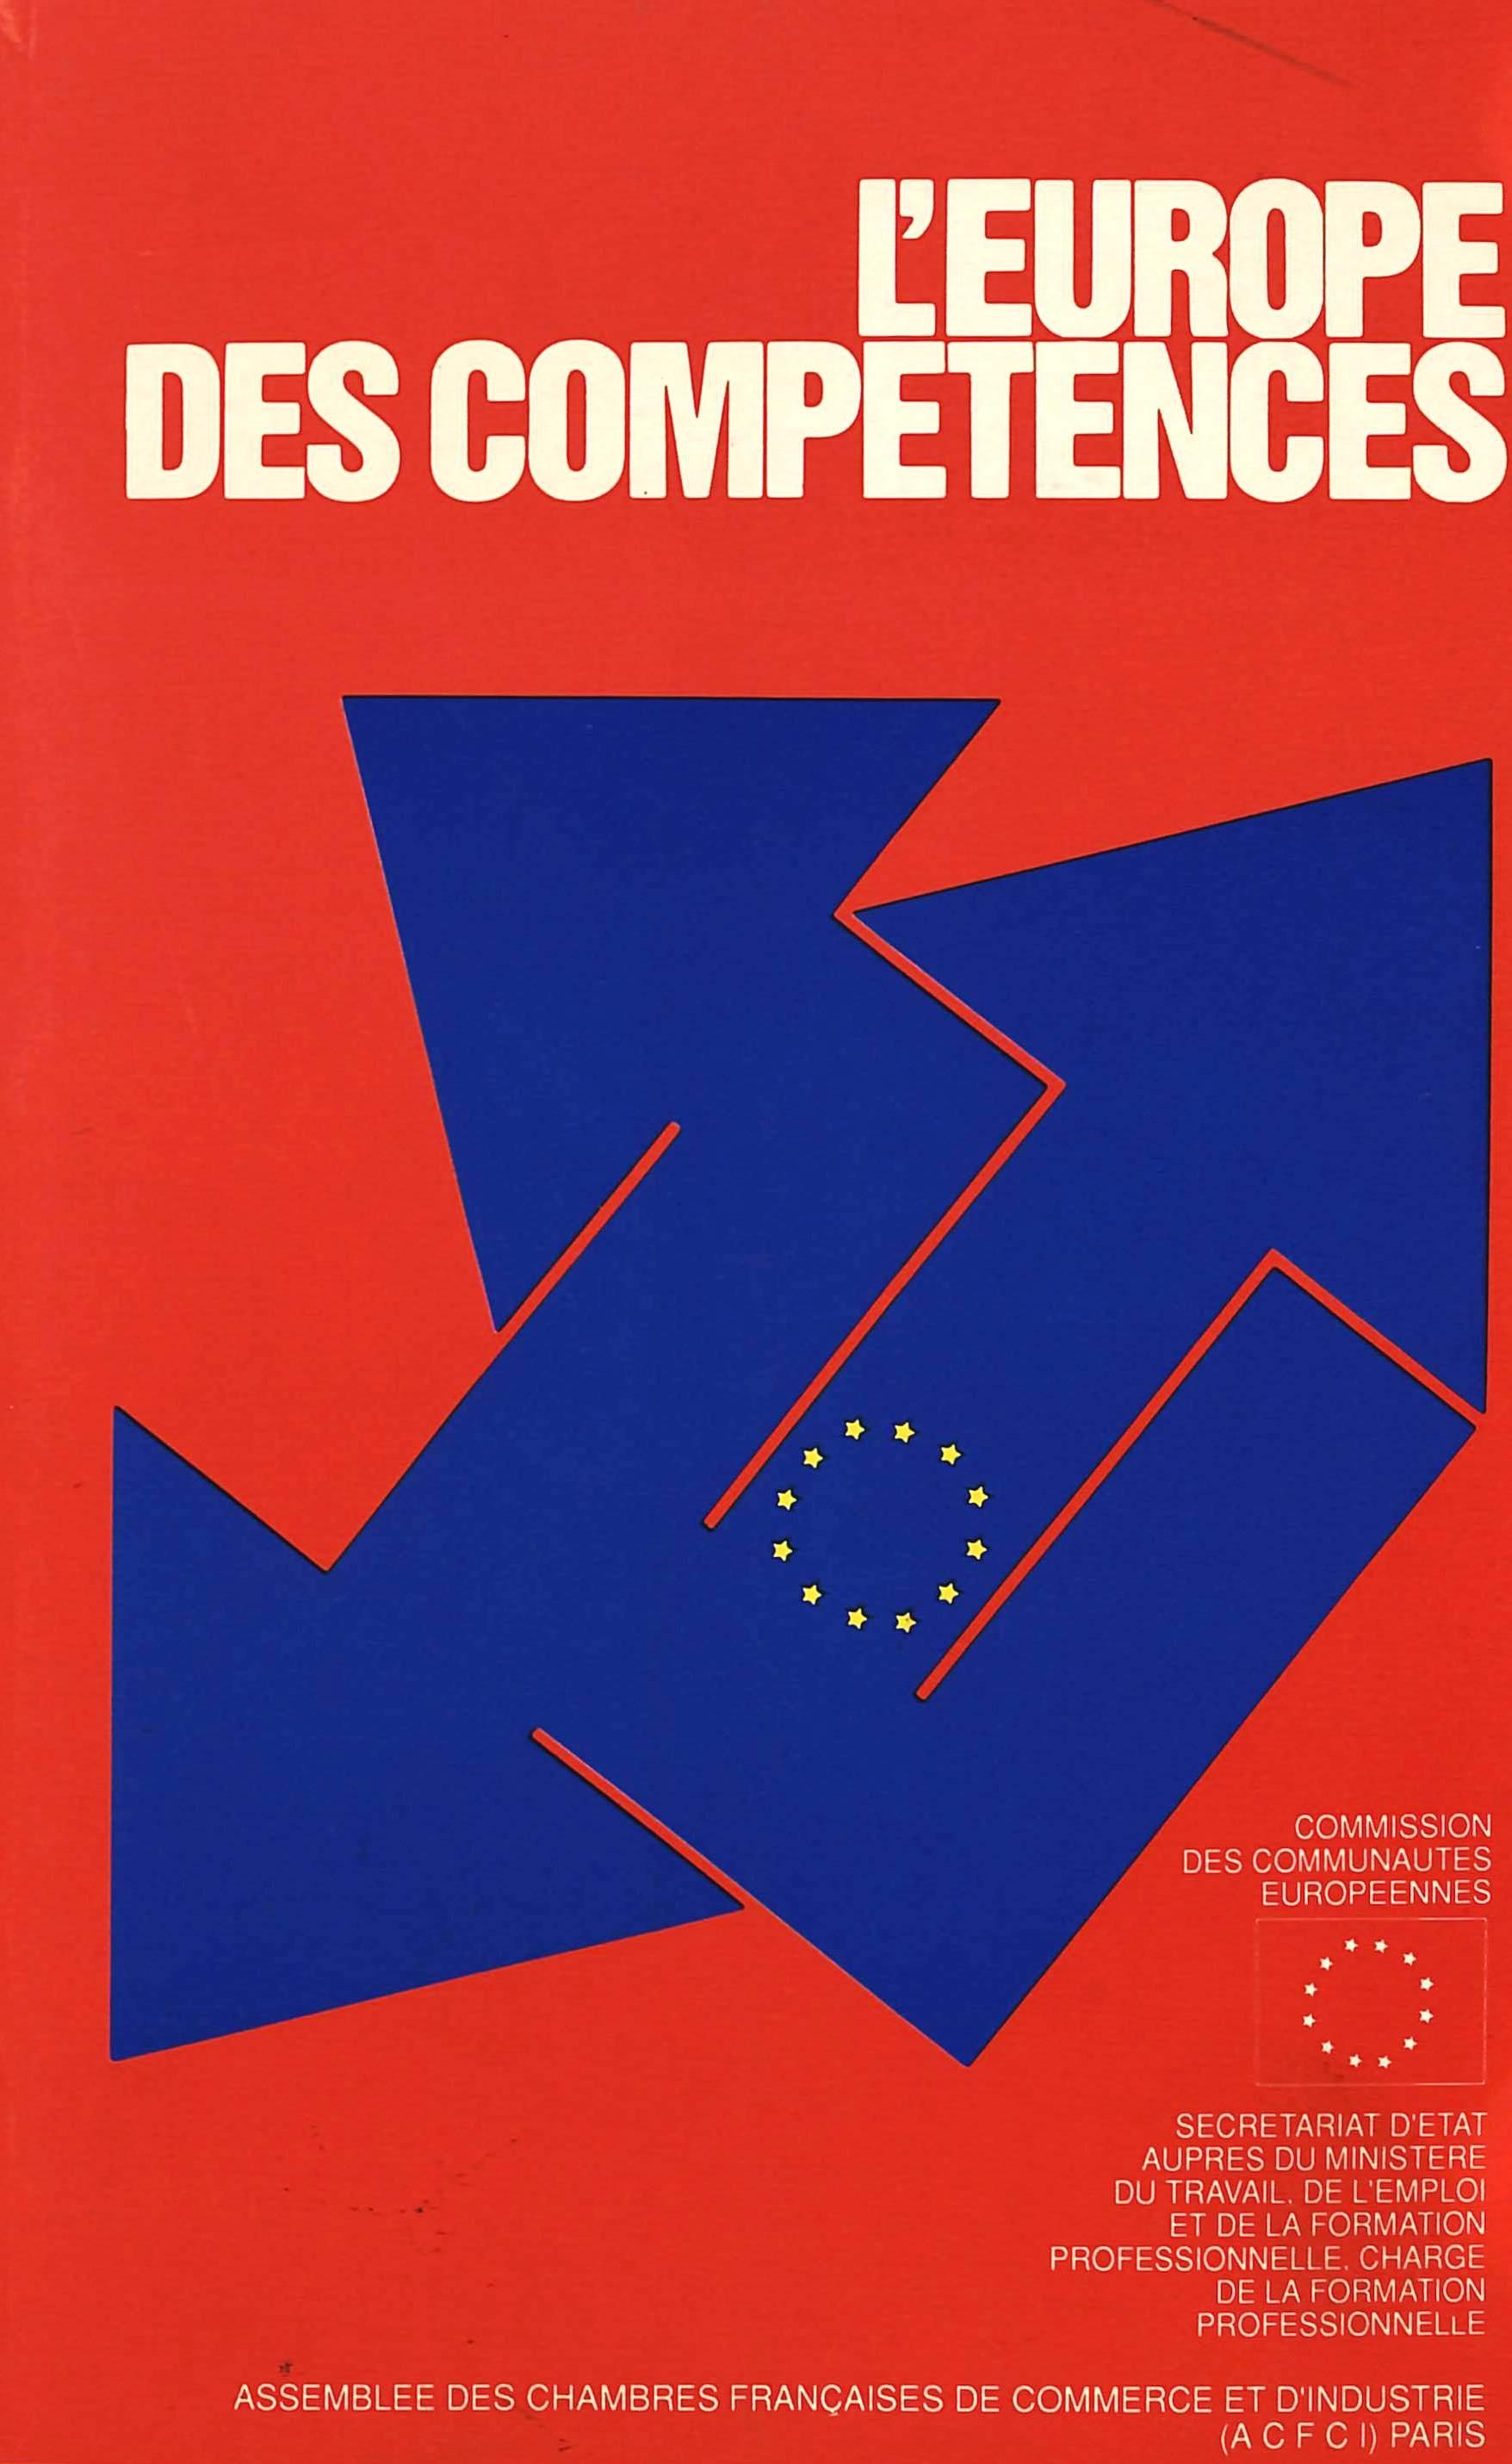 L'EUROPE DES COMPETENCES